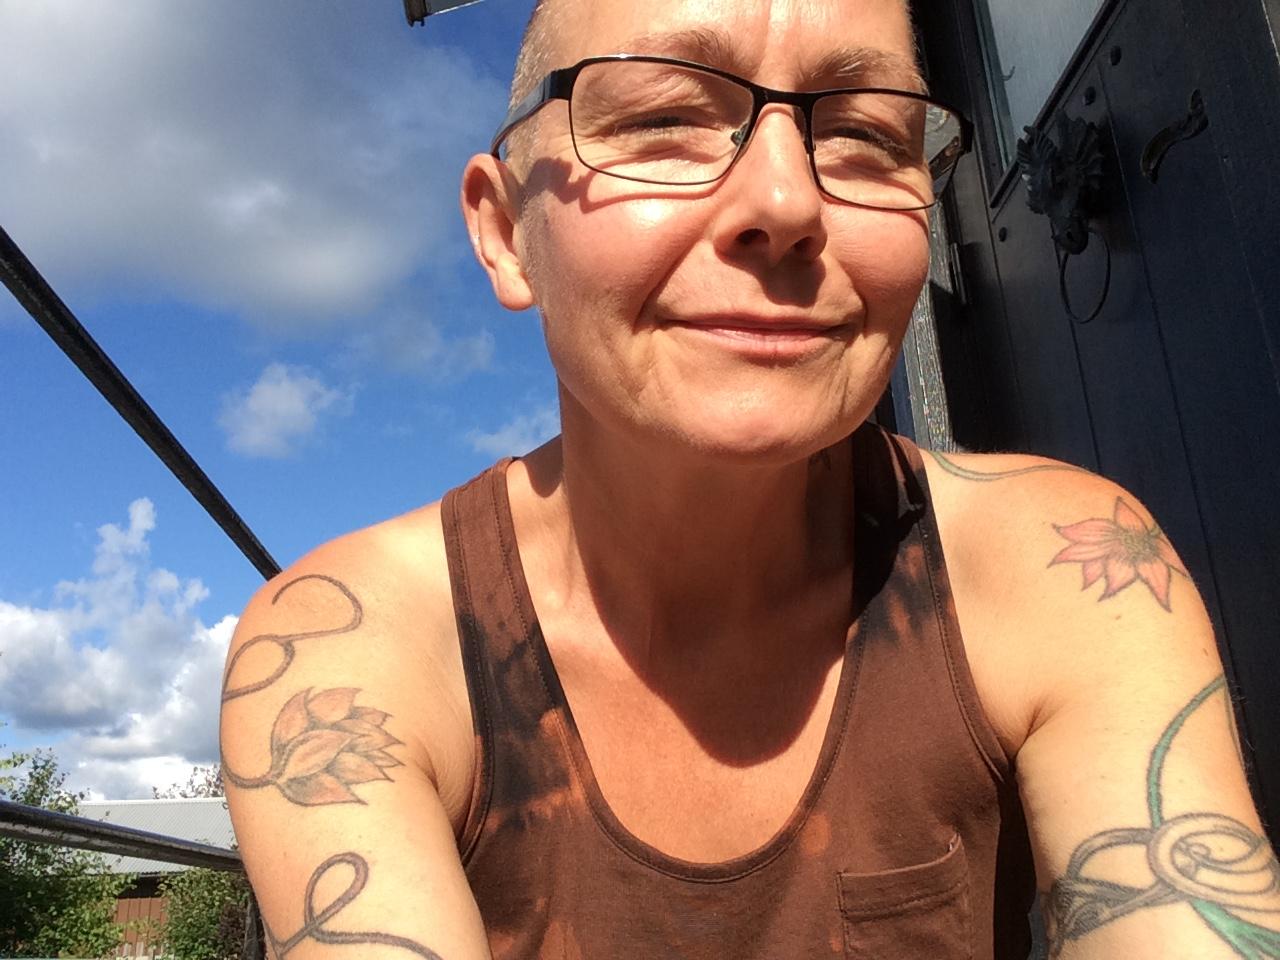 Gästbloggare: Lotta fick sin autismdiagnos efter 50 år